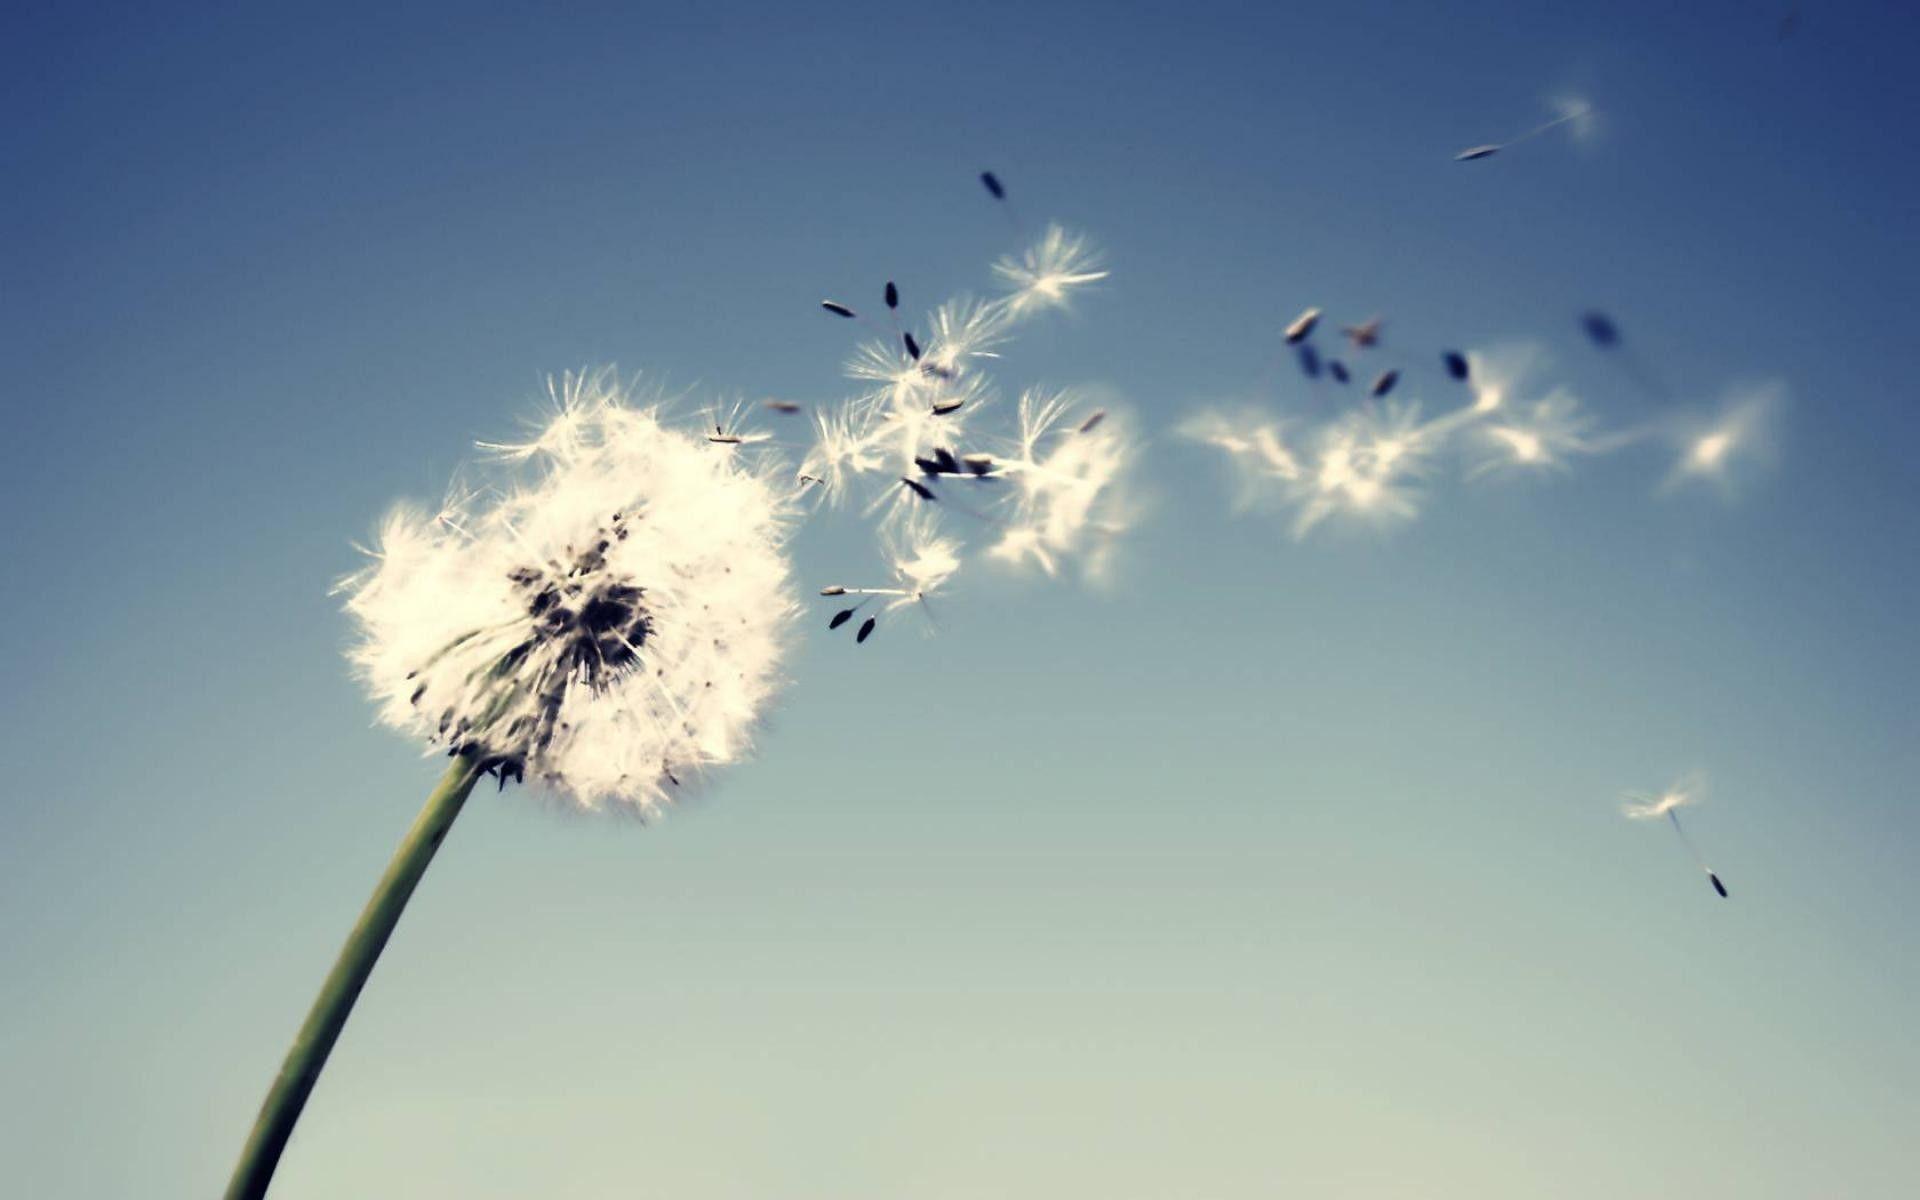 理想与现实的经典说说:人生总要有些经历,好的坏的,都是成长的过程